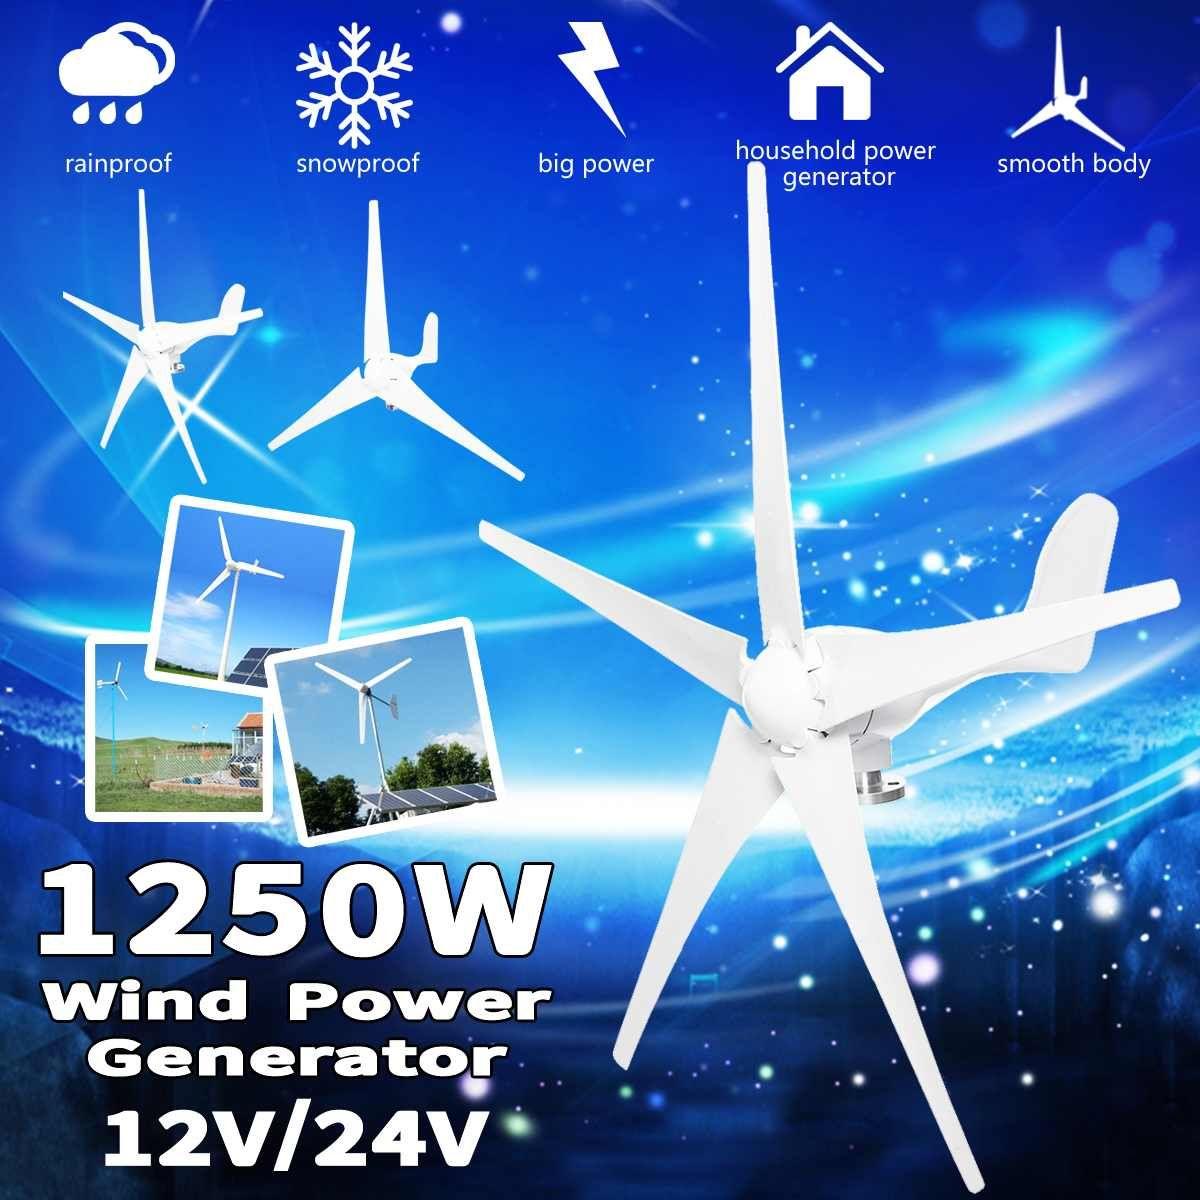 1250 W Wind Power Turbinen Generator 12 V 24 V 3/5 Wind Klingen Option Mit Wasserdichte Laderegler Fit für hause Oder Camping